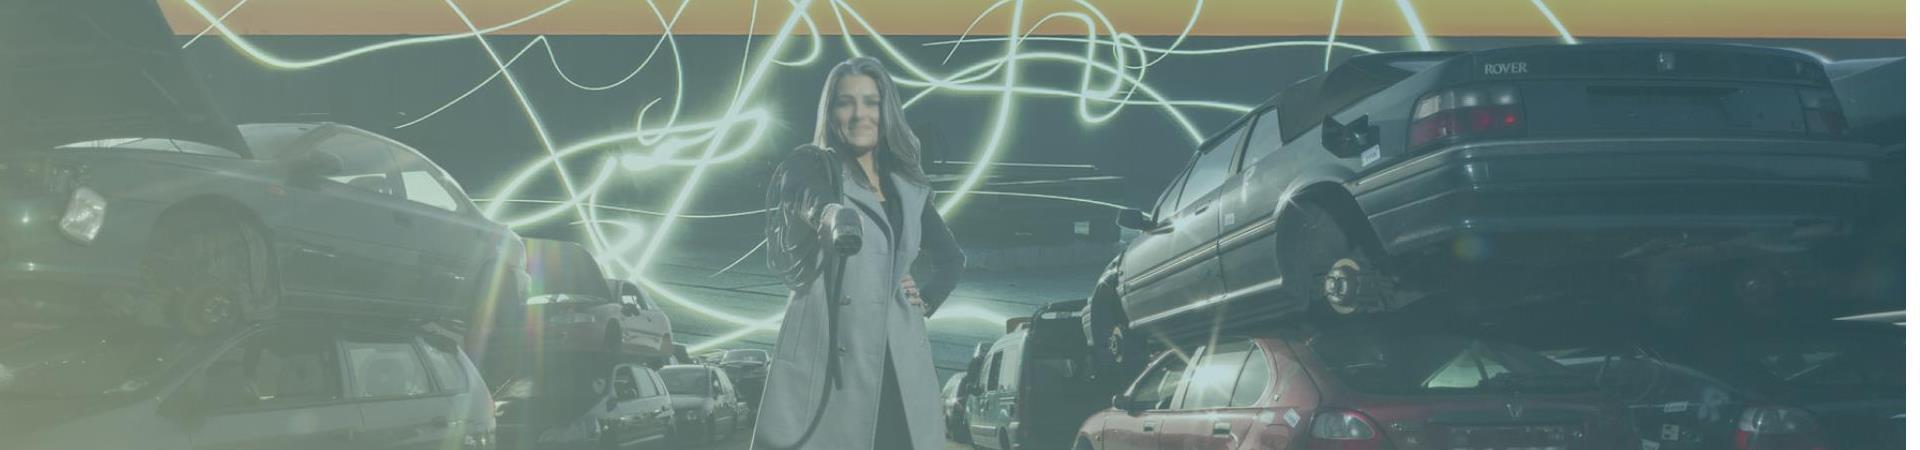 cursus elektrisch rijden